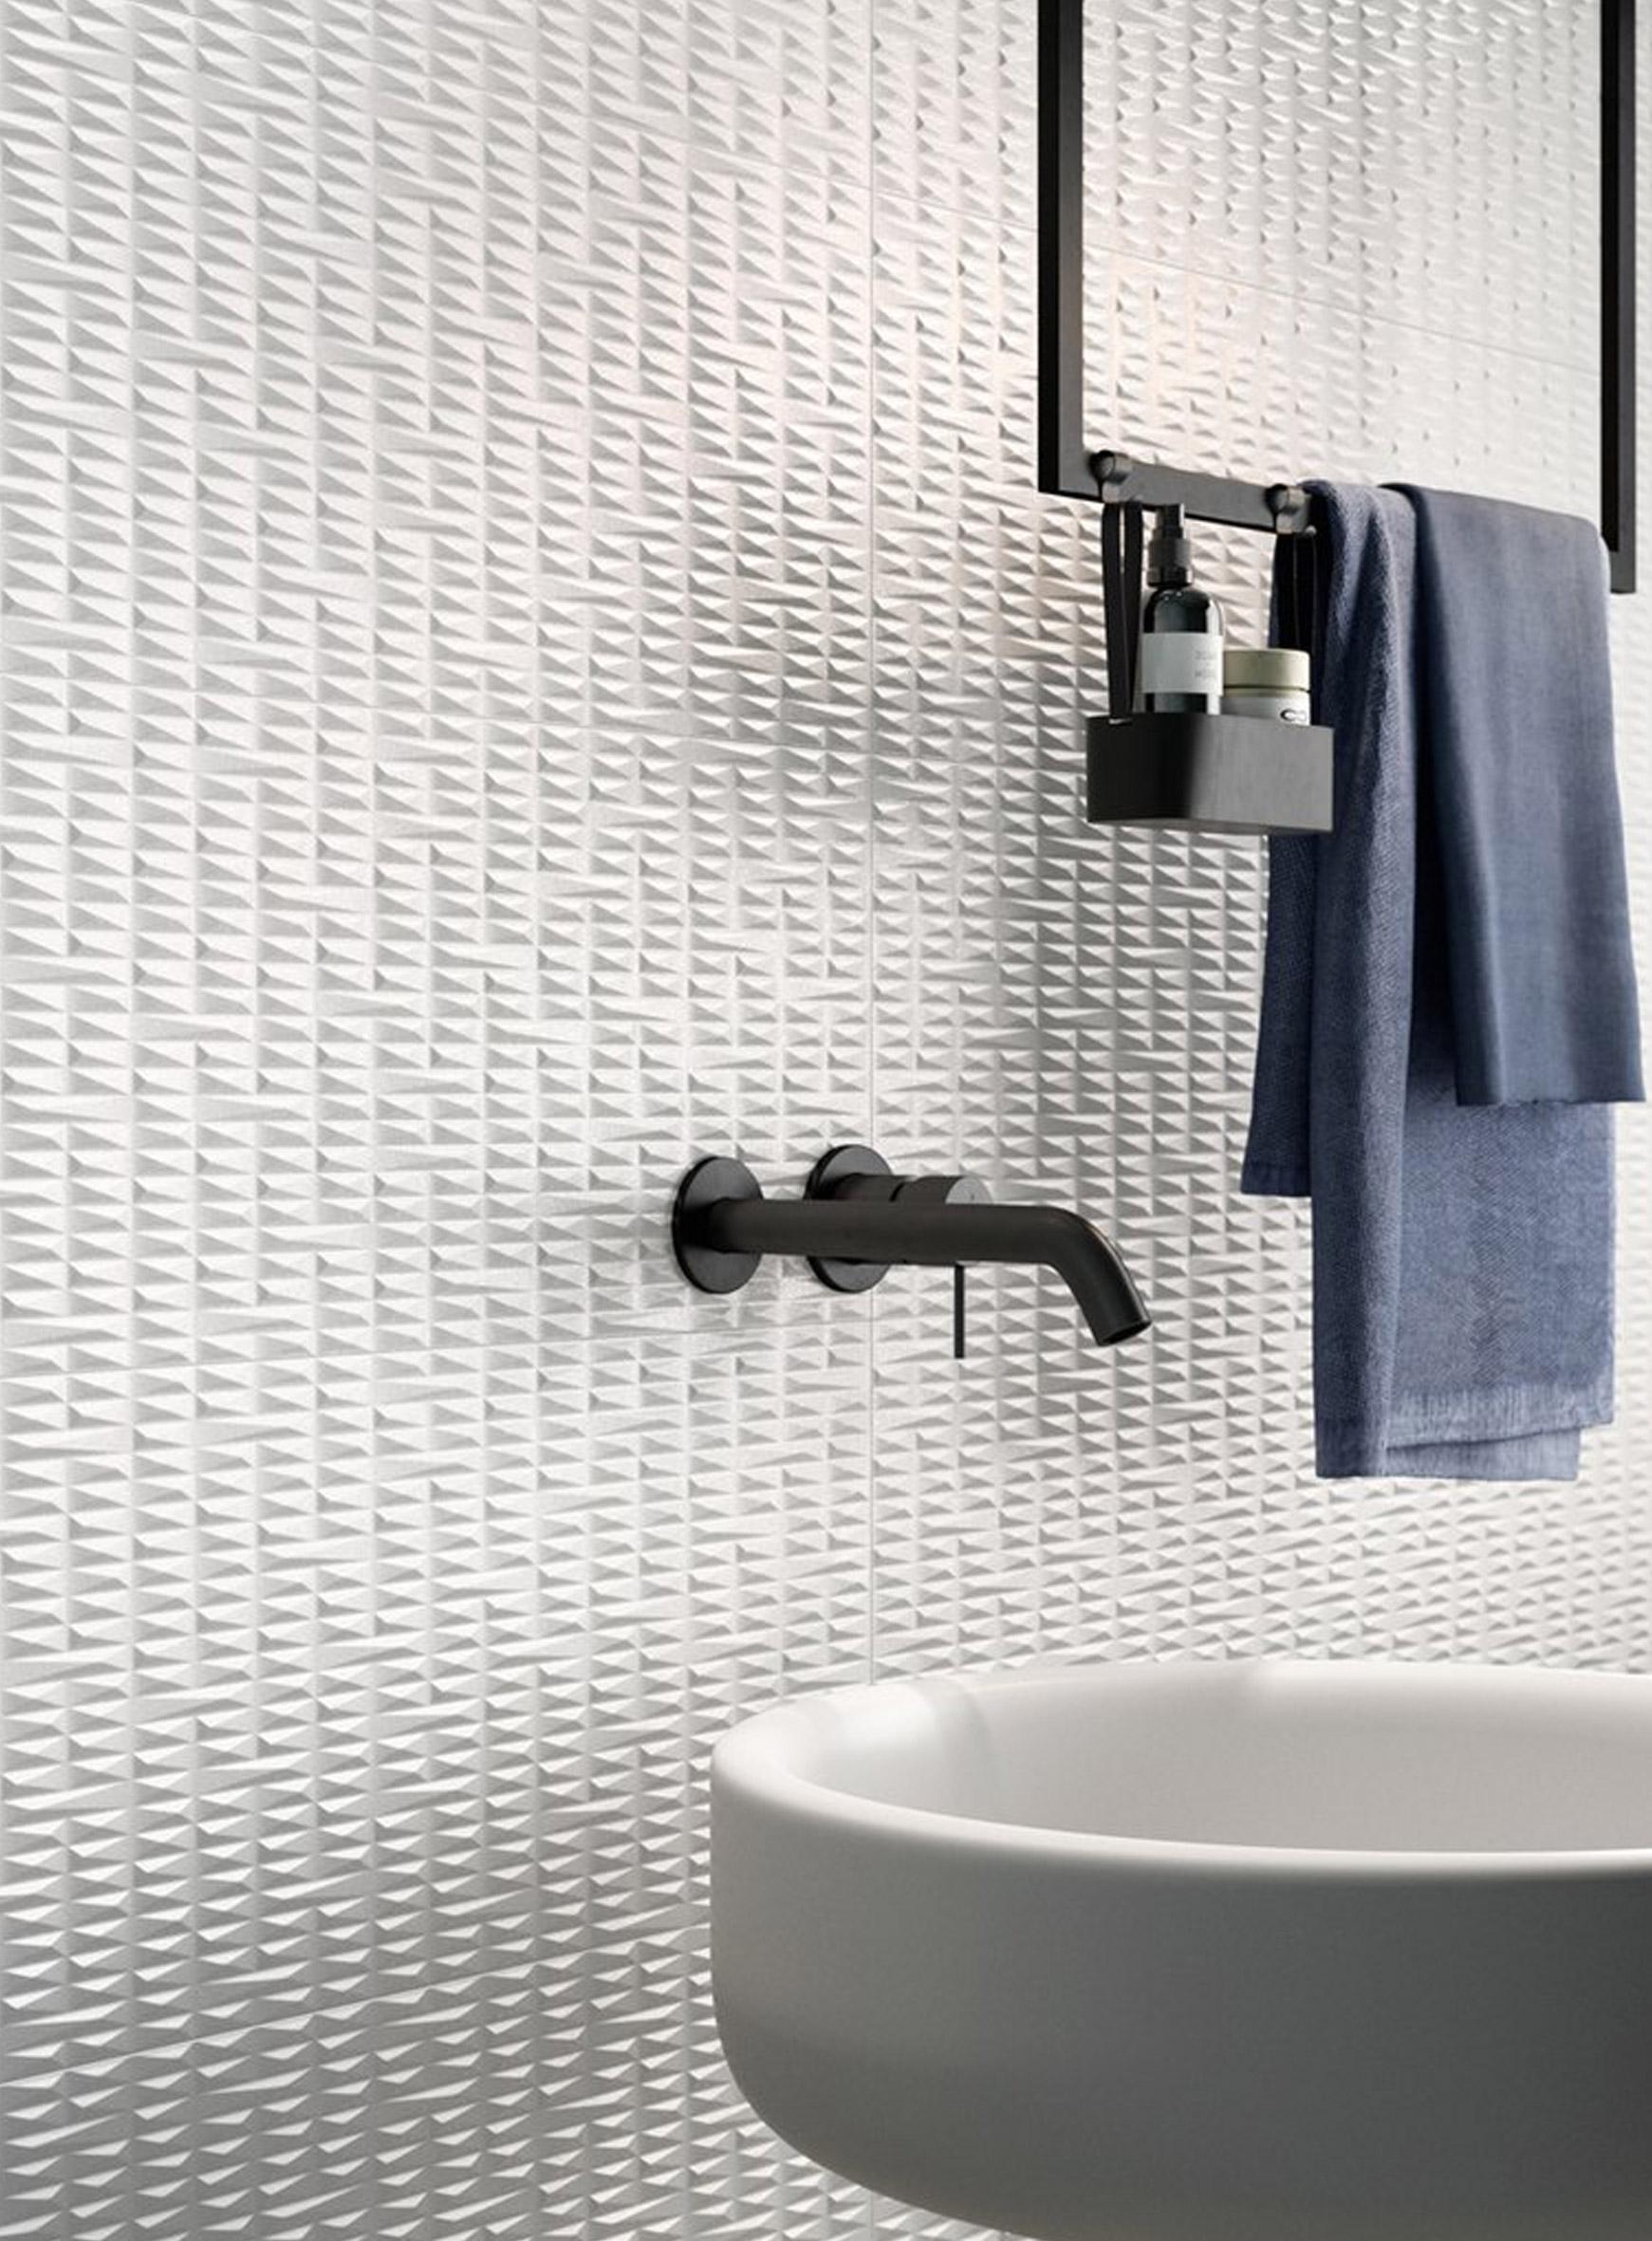 Idee Per Ristrutturare Il Bagno 5 + 1 idee bagno originali per ristrutturare il bagno